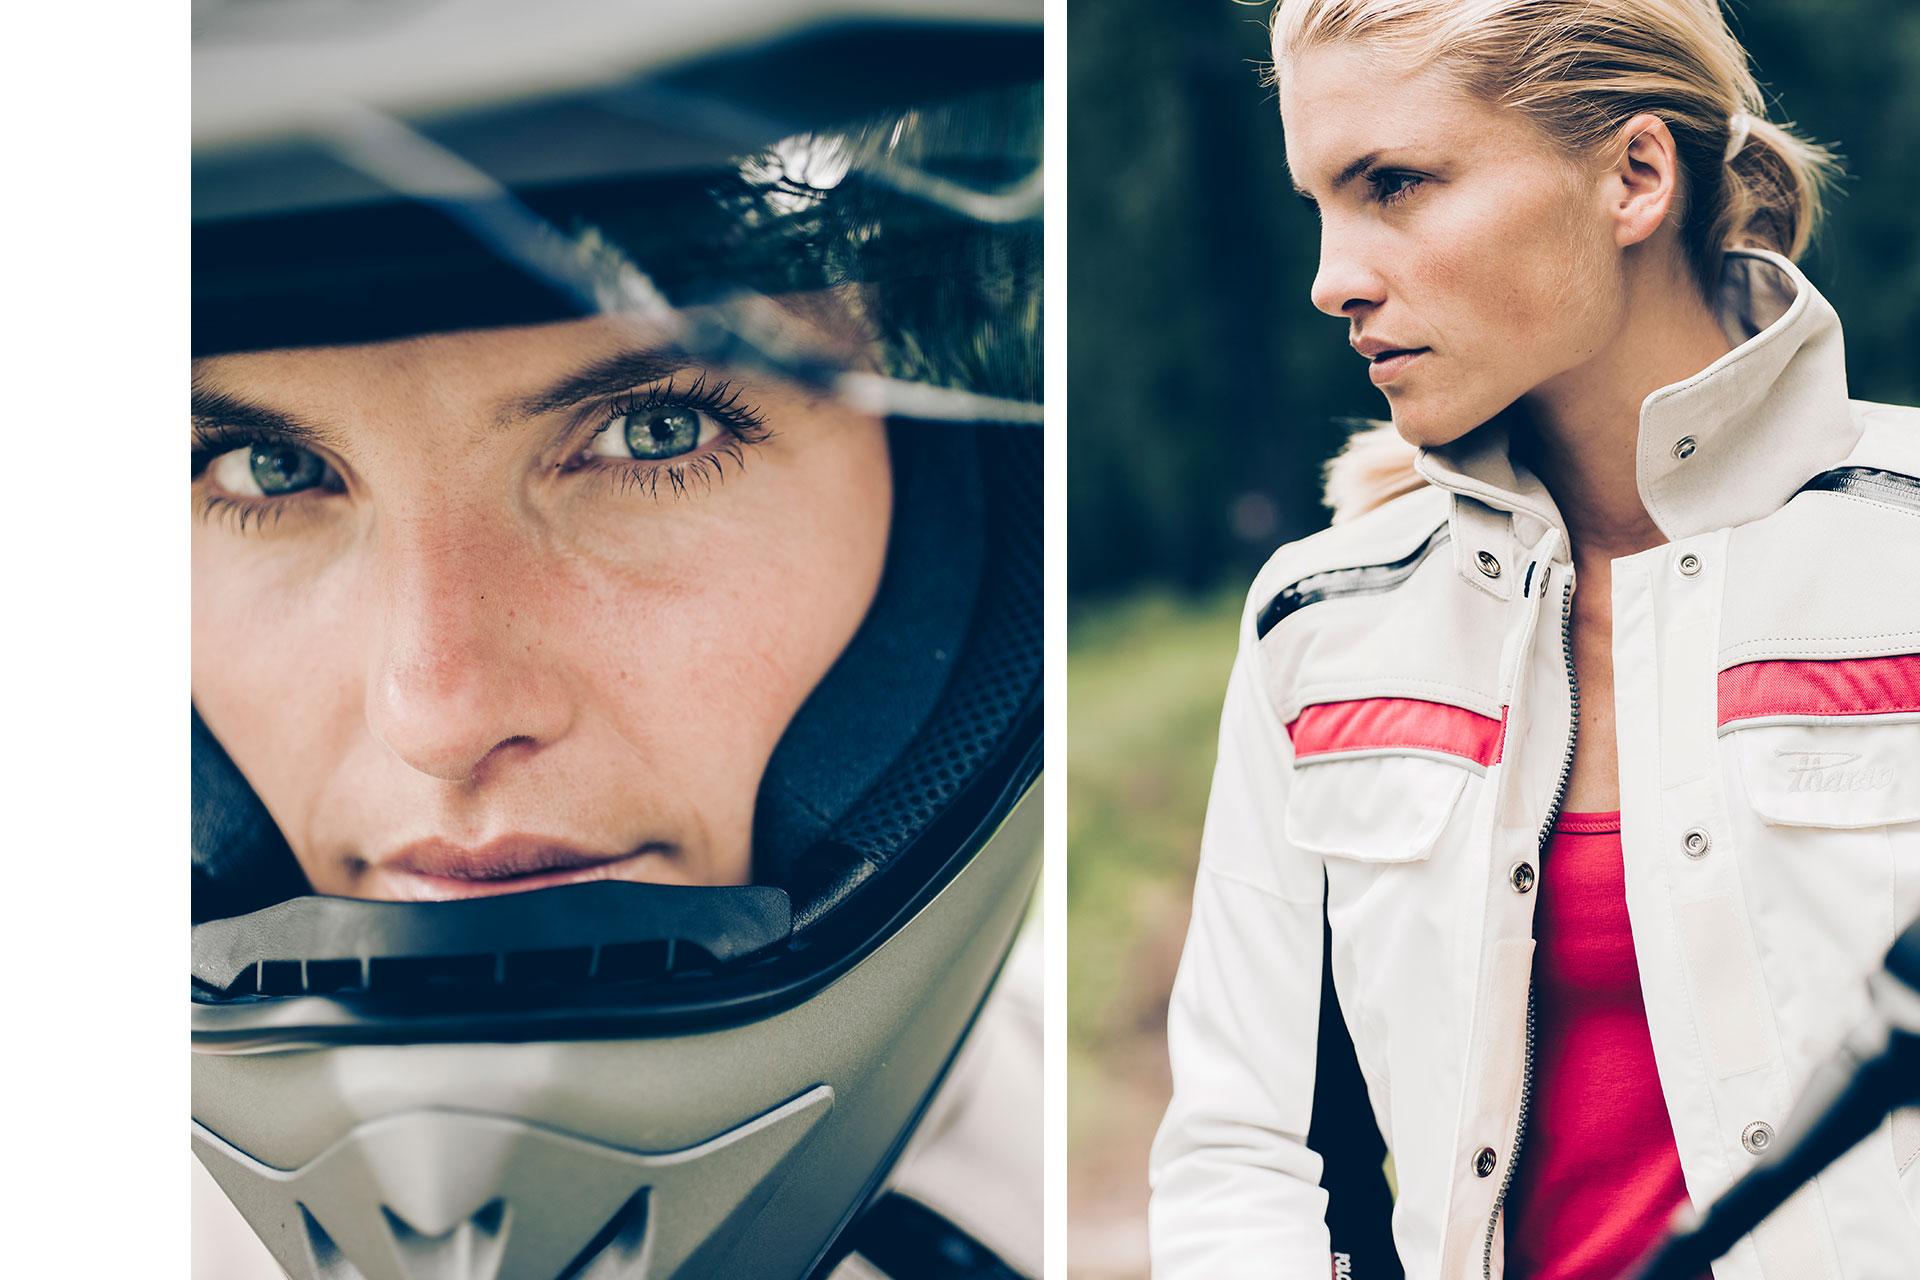 Motorrad Fotograf Portrait Sport Aktion Reise Enduro Düsseldorf Deutschland